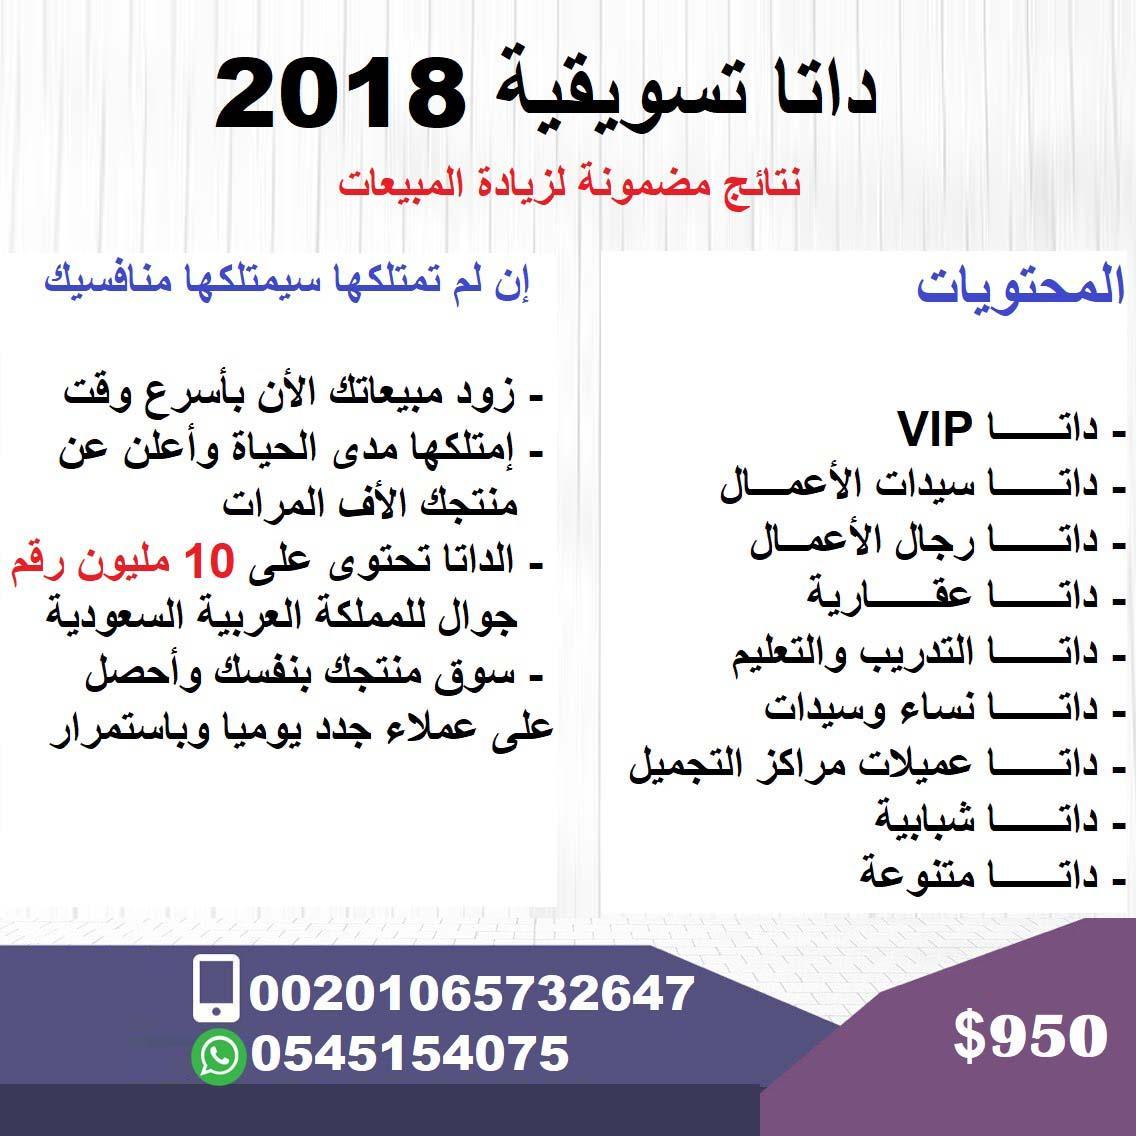 بجعة يدعو حقوق النشر ارقام شركات سعوده رجال Comertinsaat Com